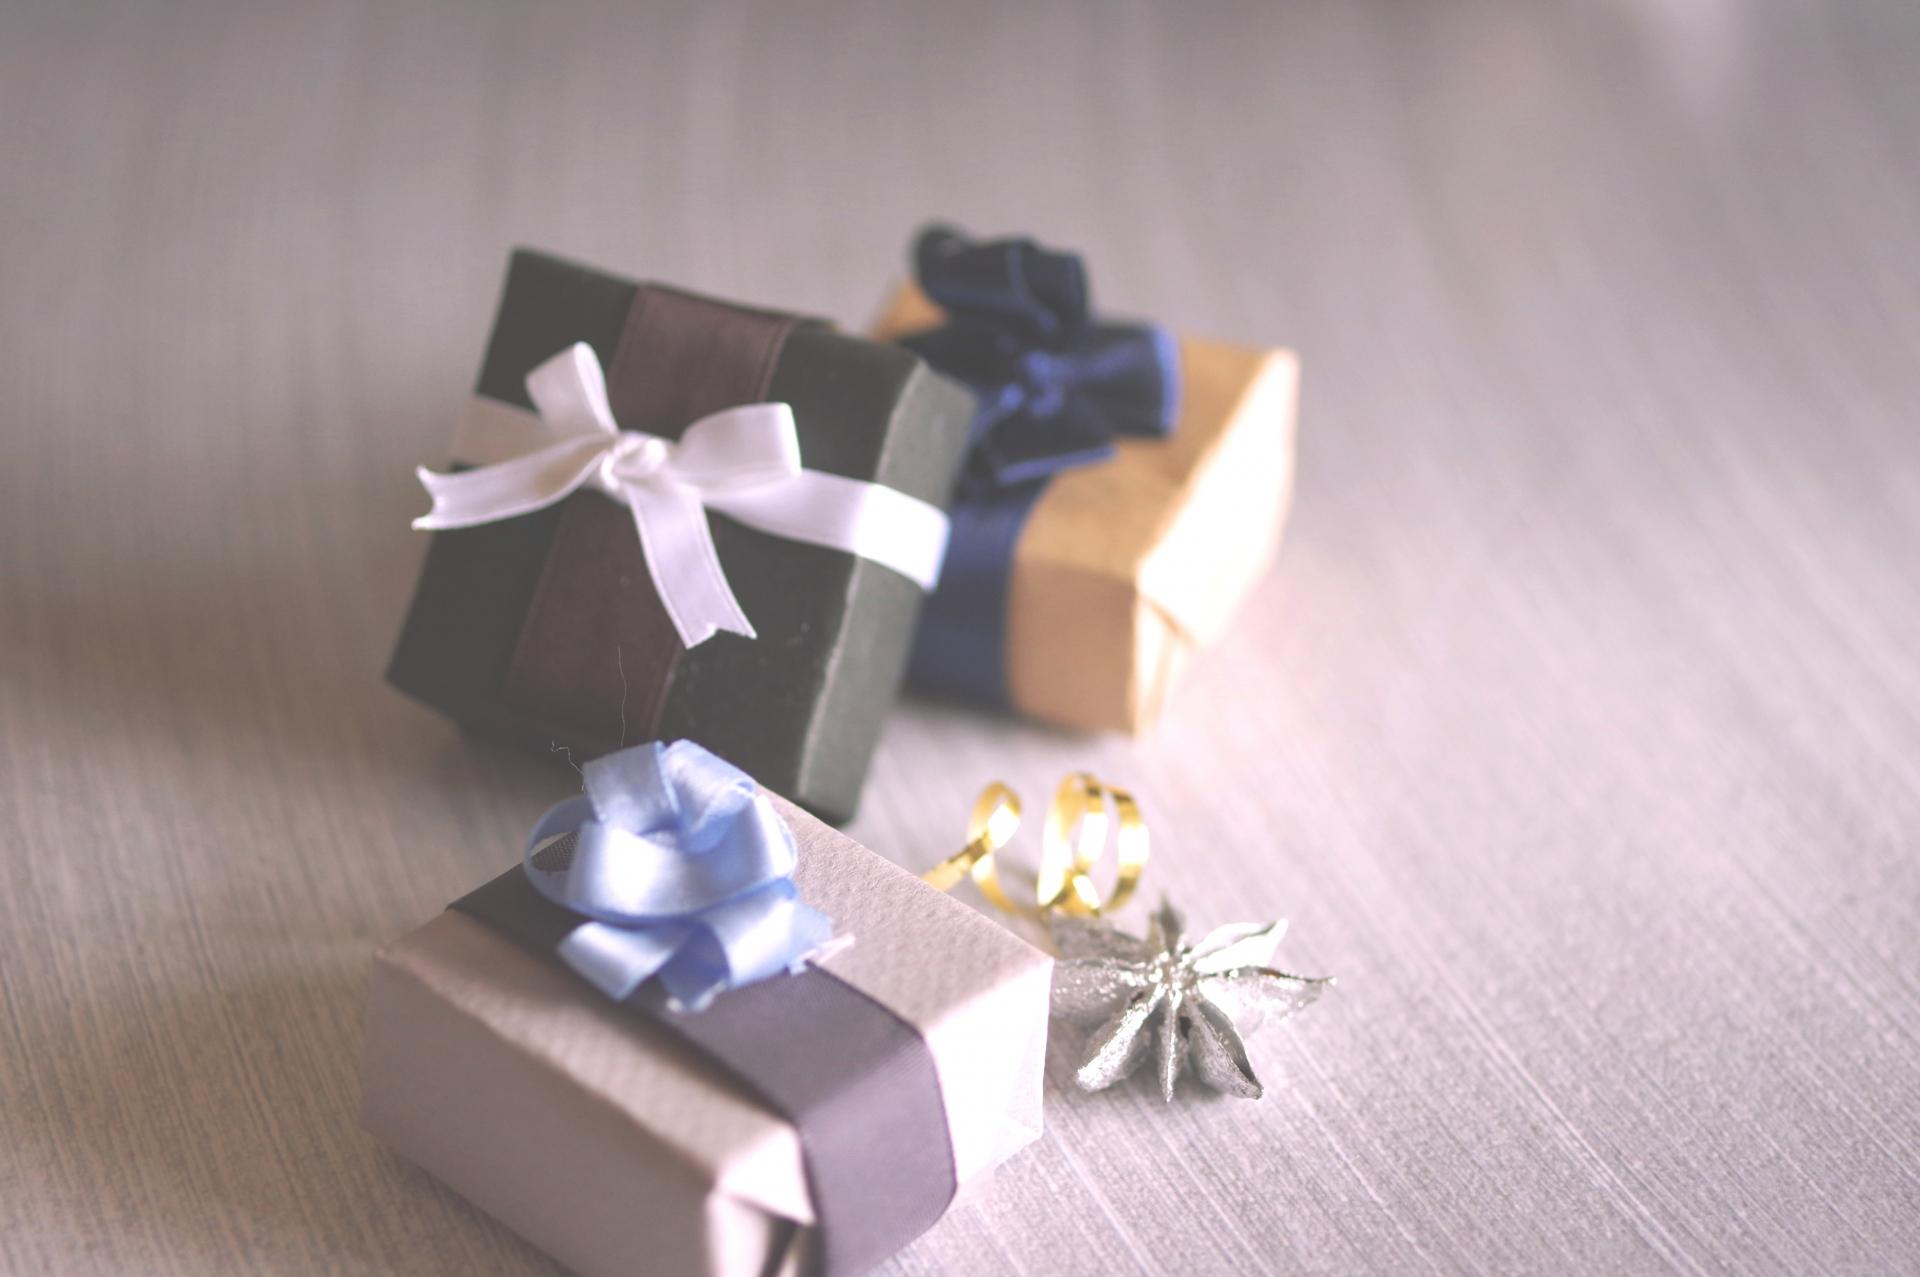 彼氏に贈る誕生日プレゼントのおすすめ50選!腕時計や財布も